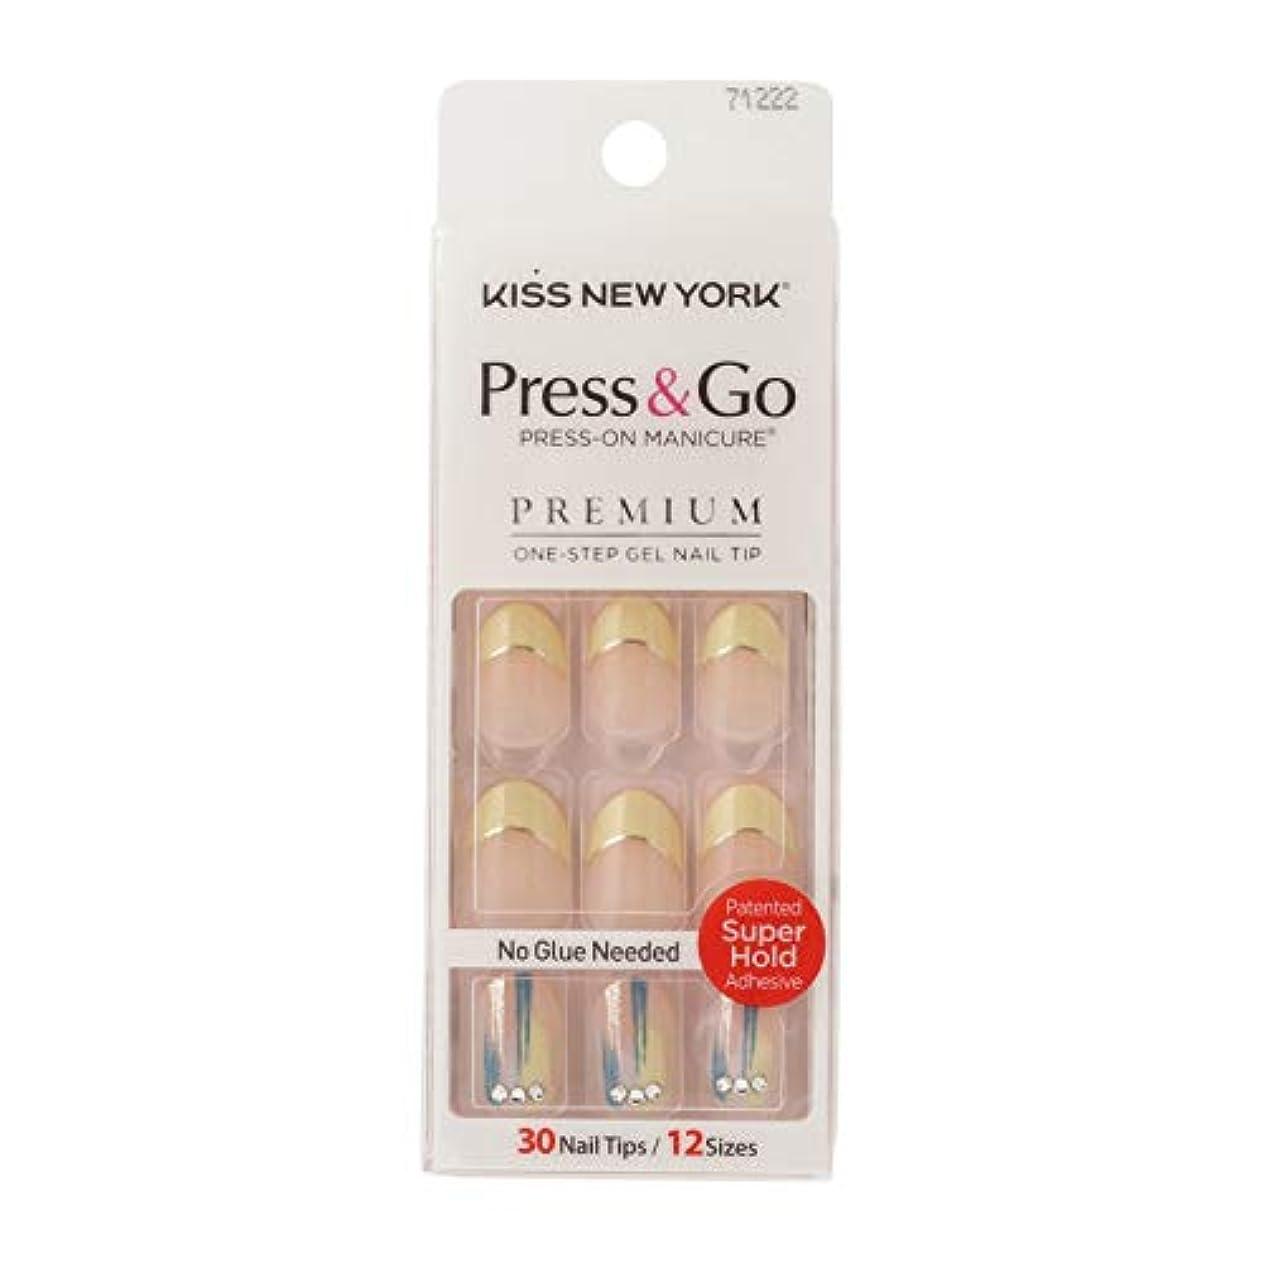 大破迷信所有者キスニューヨーク (KISS NEW YORK) KISS NEWYORK ネイルチップPress&Go BHJ32J 19g